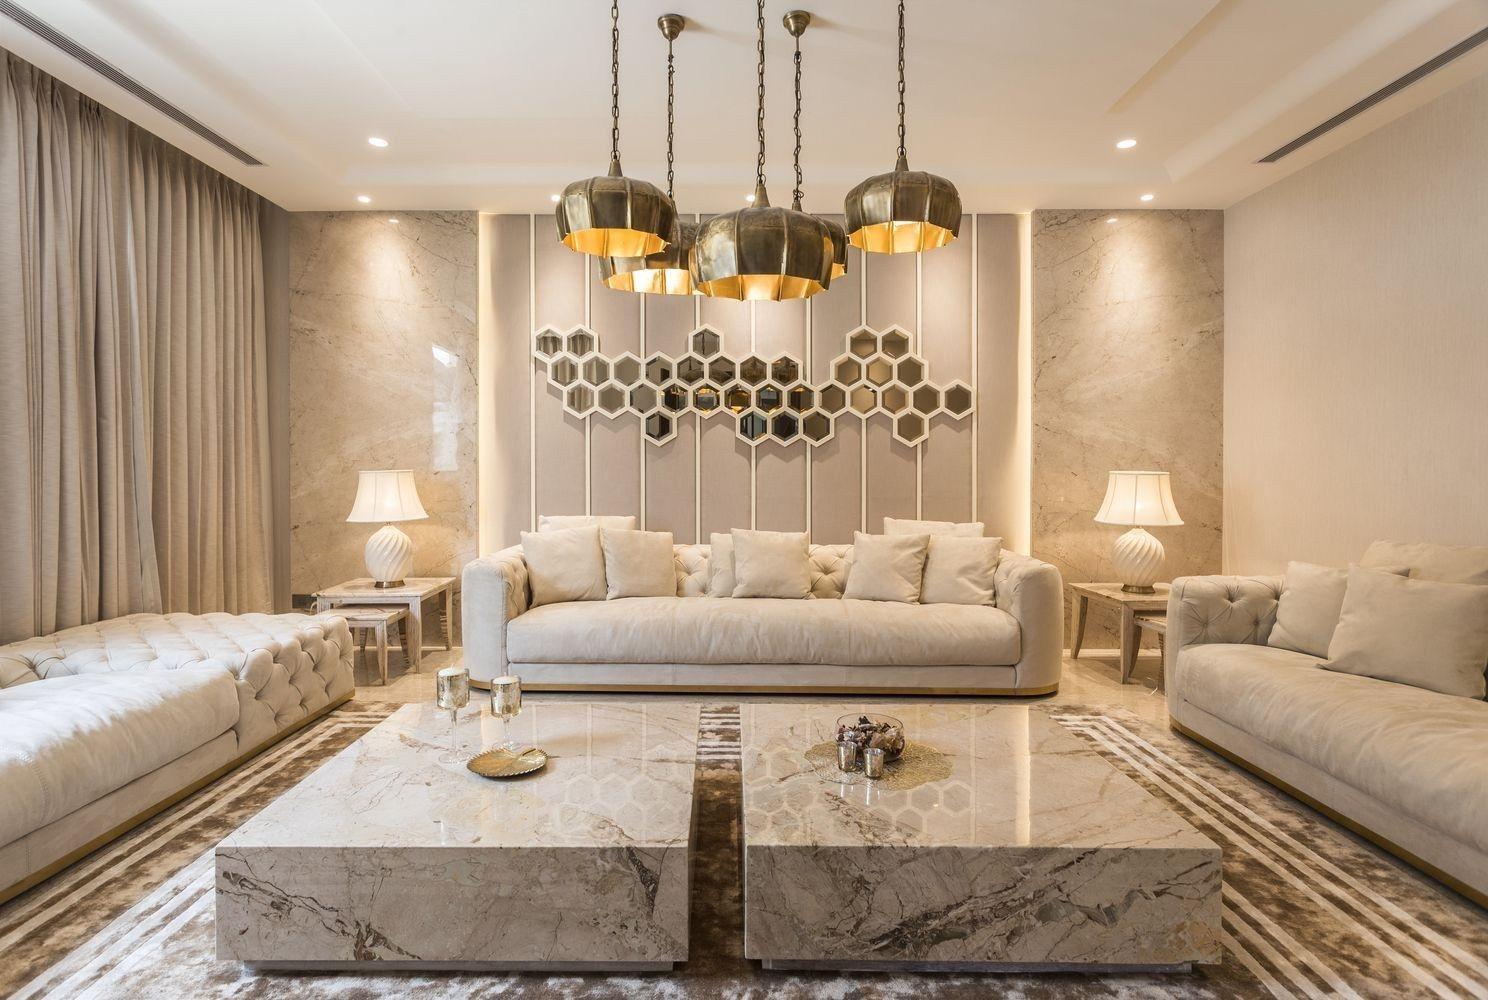 Apartment Ceiling Design Ideas That Inspiring 38